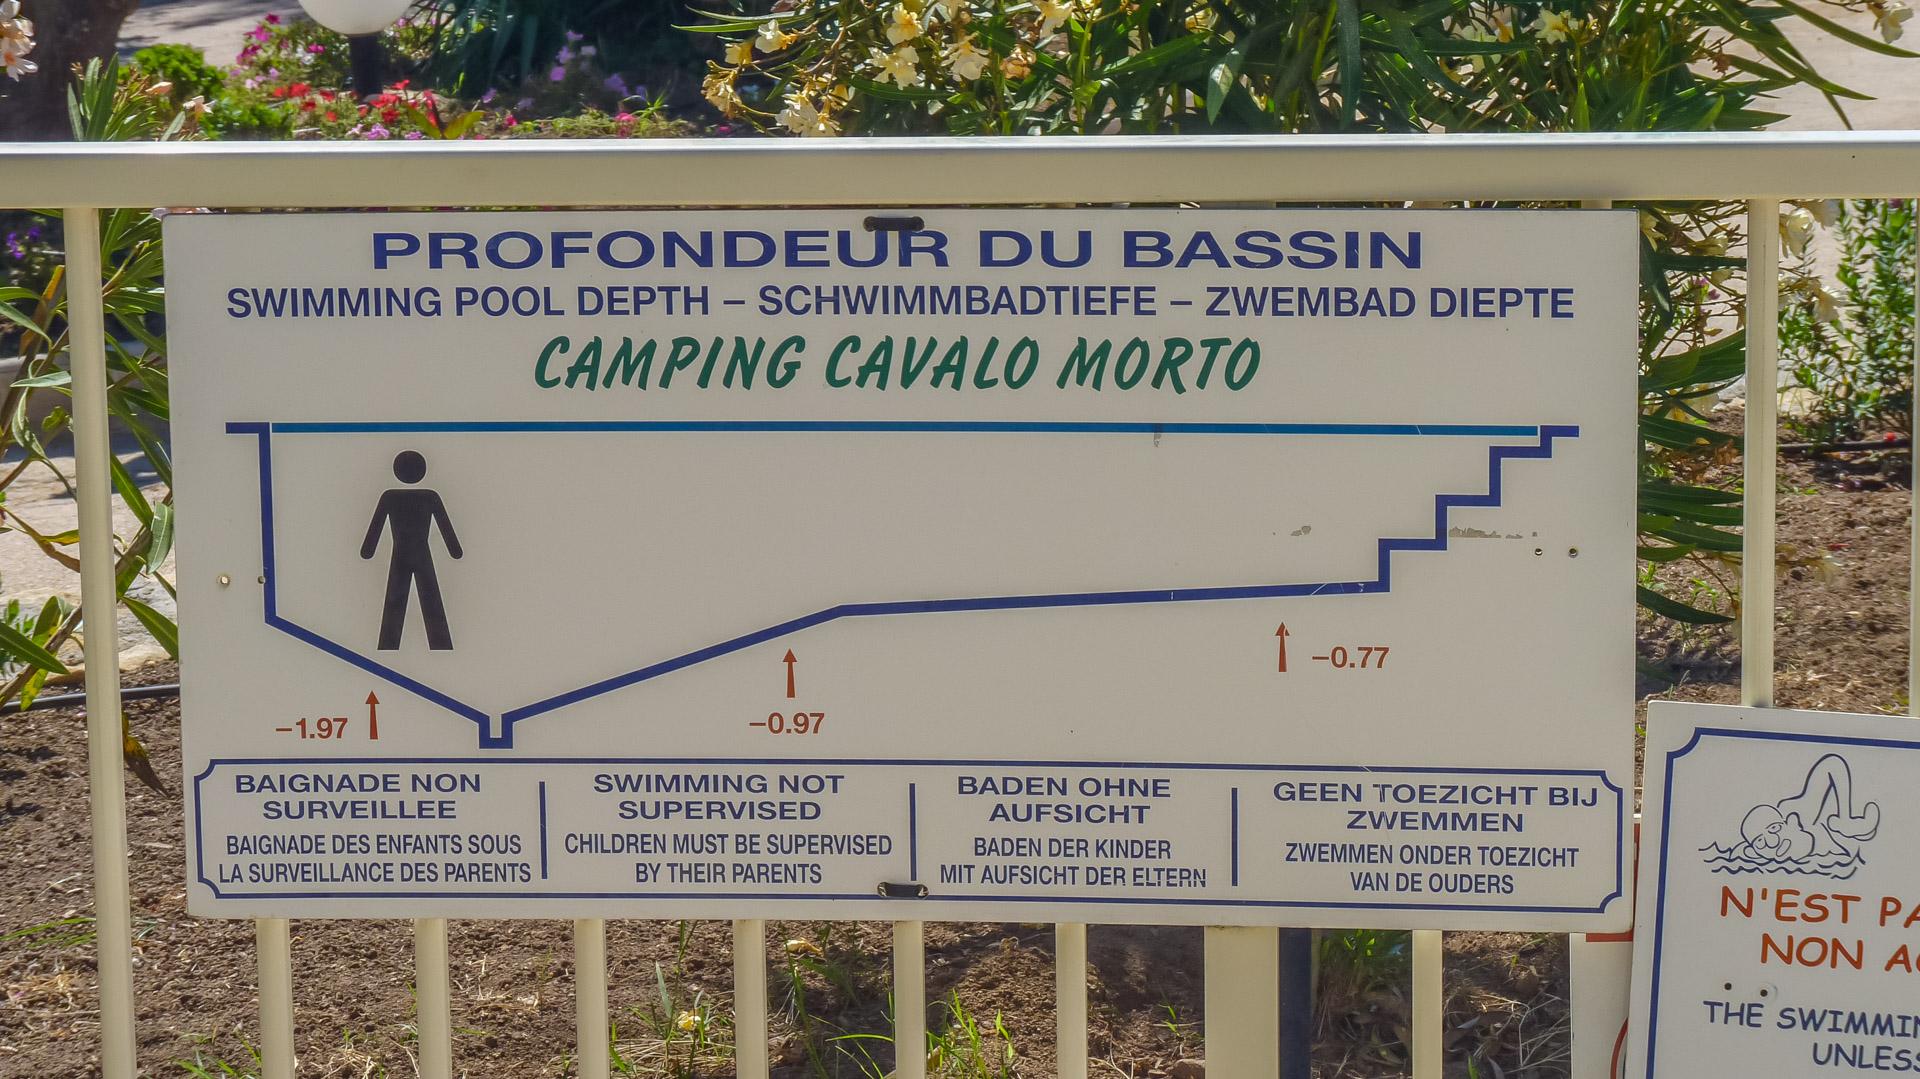 Camping Cavallo Morto